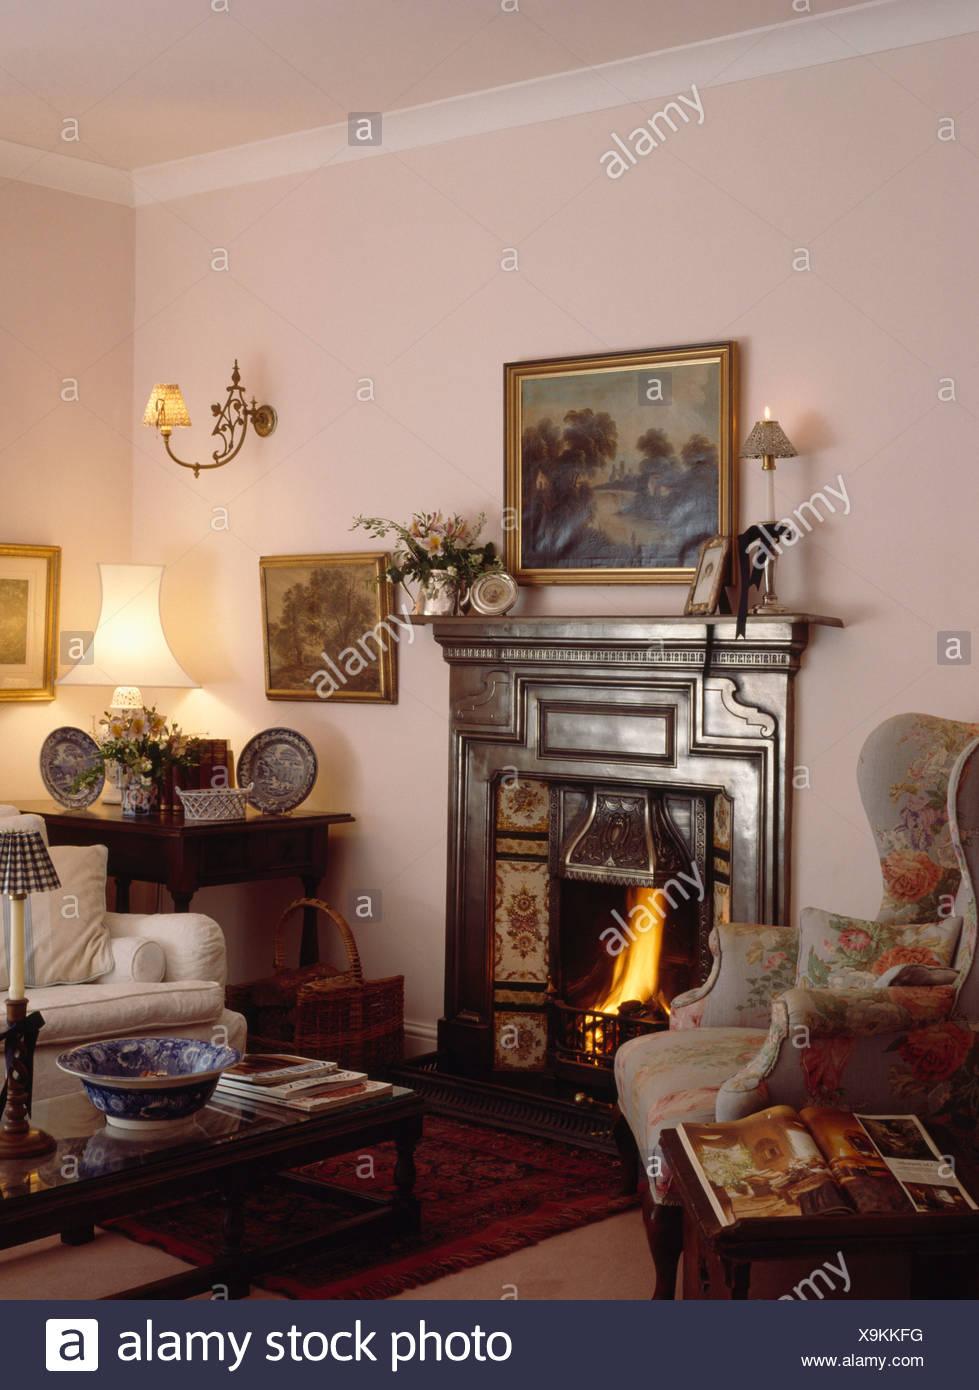 Ohrensessels Viktorianischen Gusseisen Kamin In Kleinen Pastell Rosa  Wohnzimmer Mit Beleuchteten Lampe Am Tisch In Der Ecke